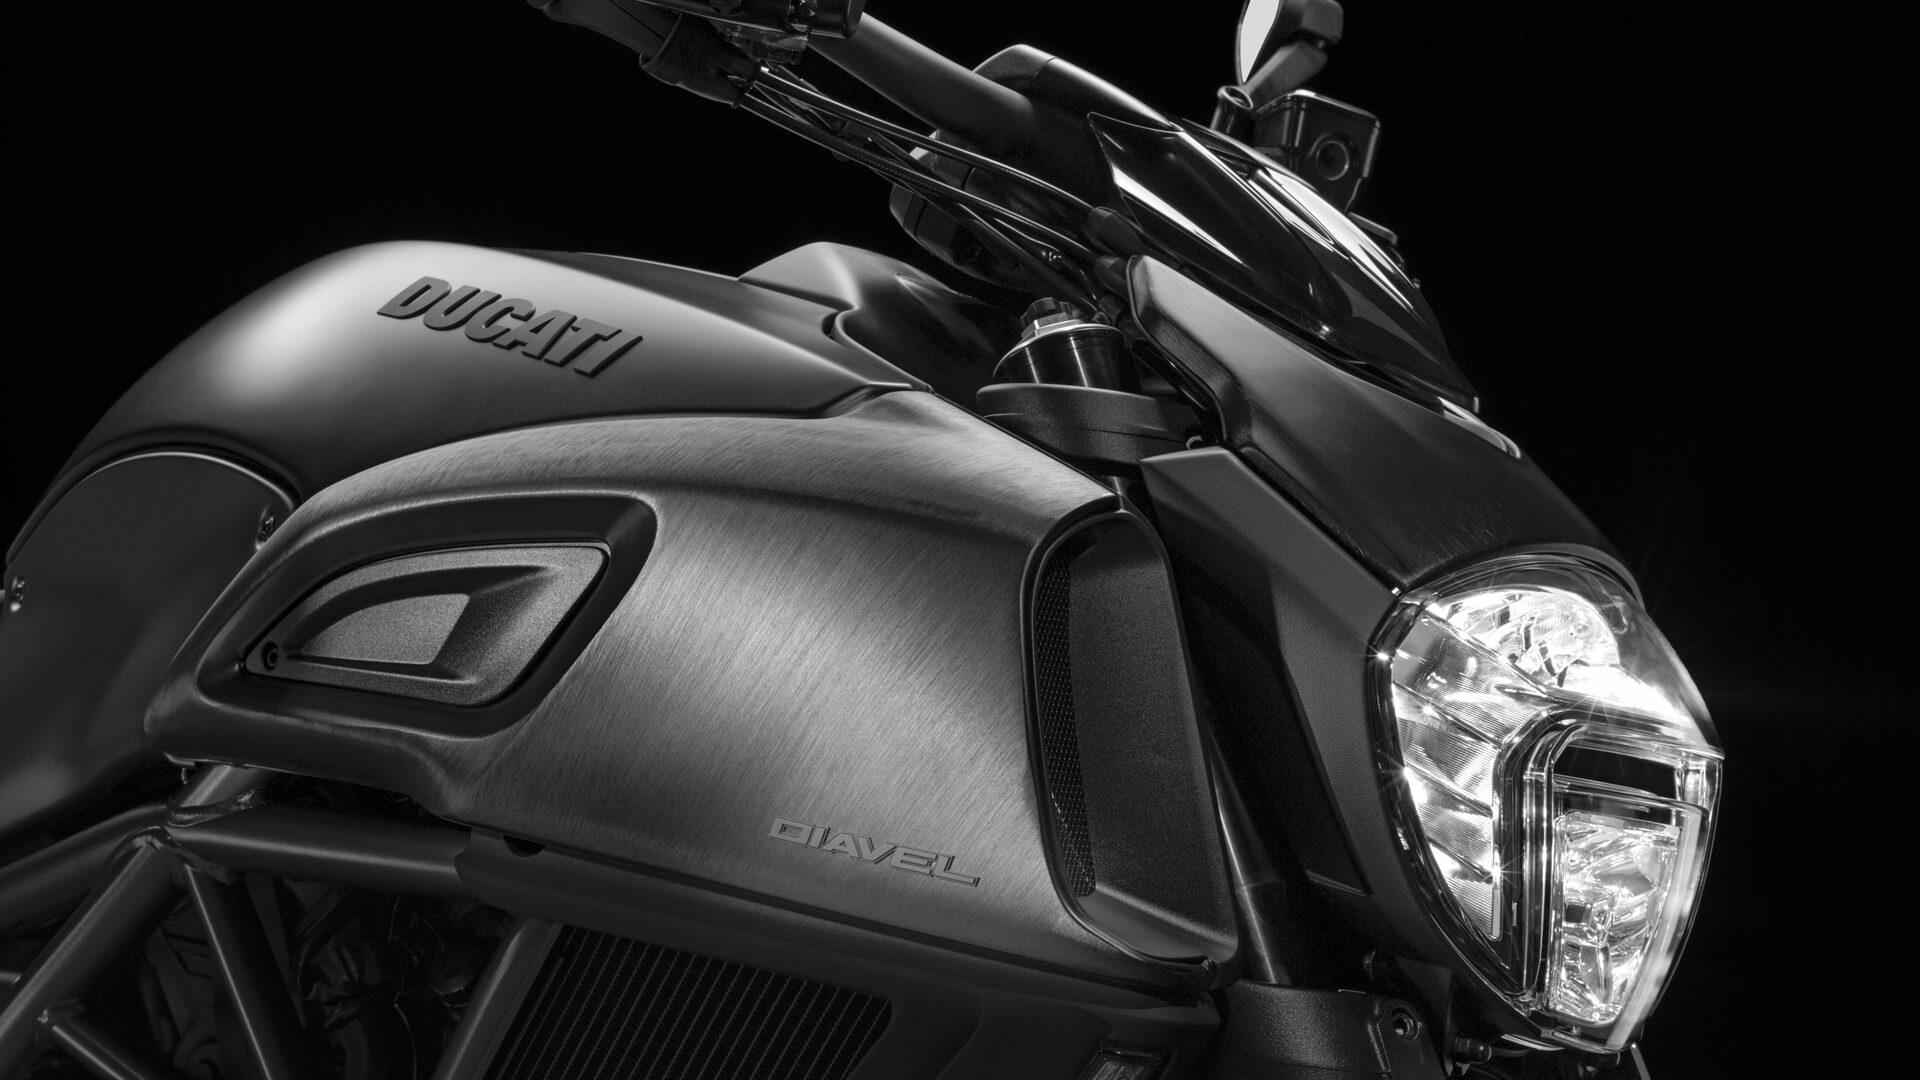 Ducati Diavel detalle